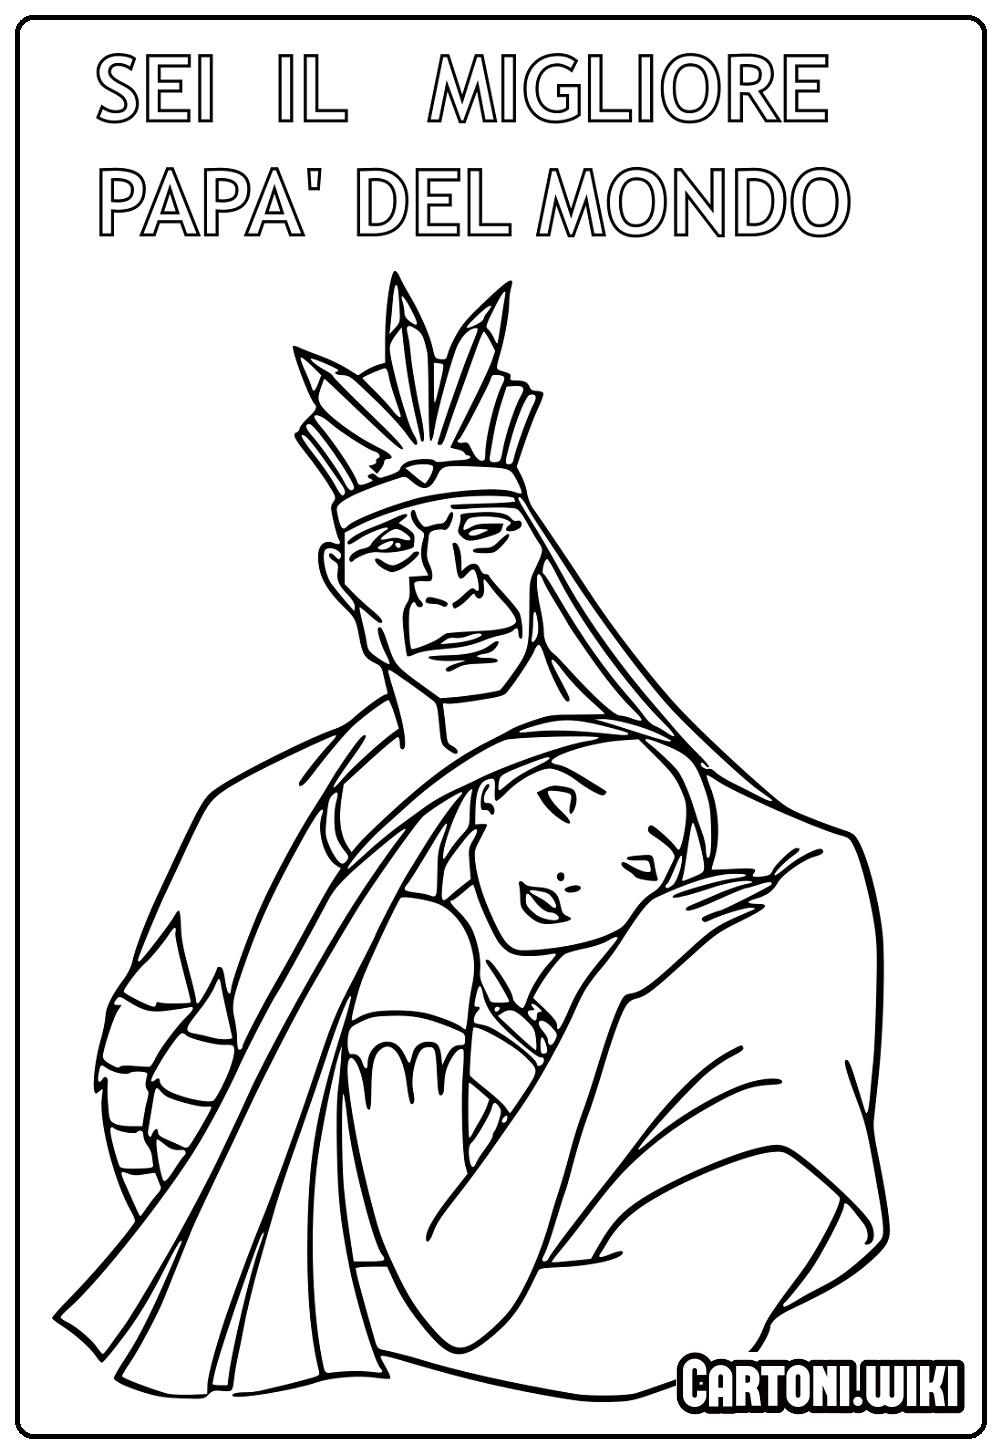 Al miglior papà del mondo disegno da stampare - Disegni da colorare